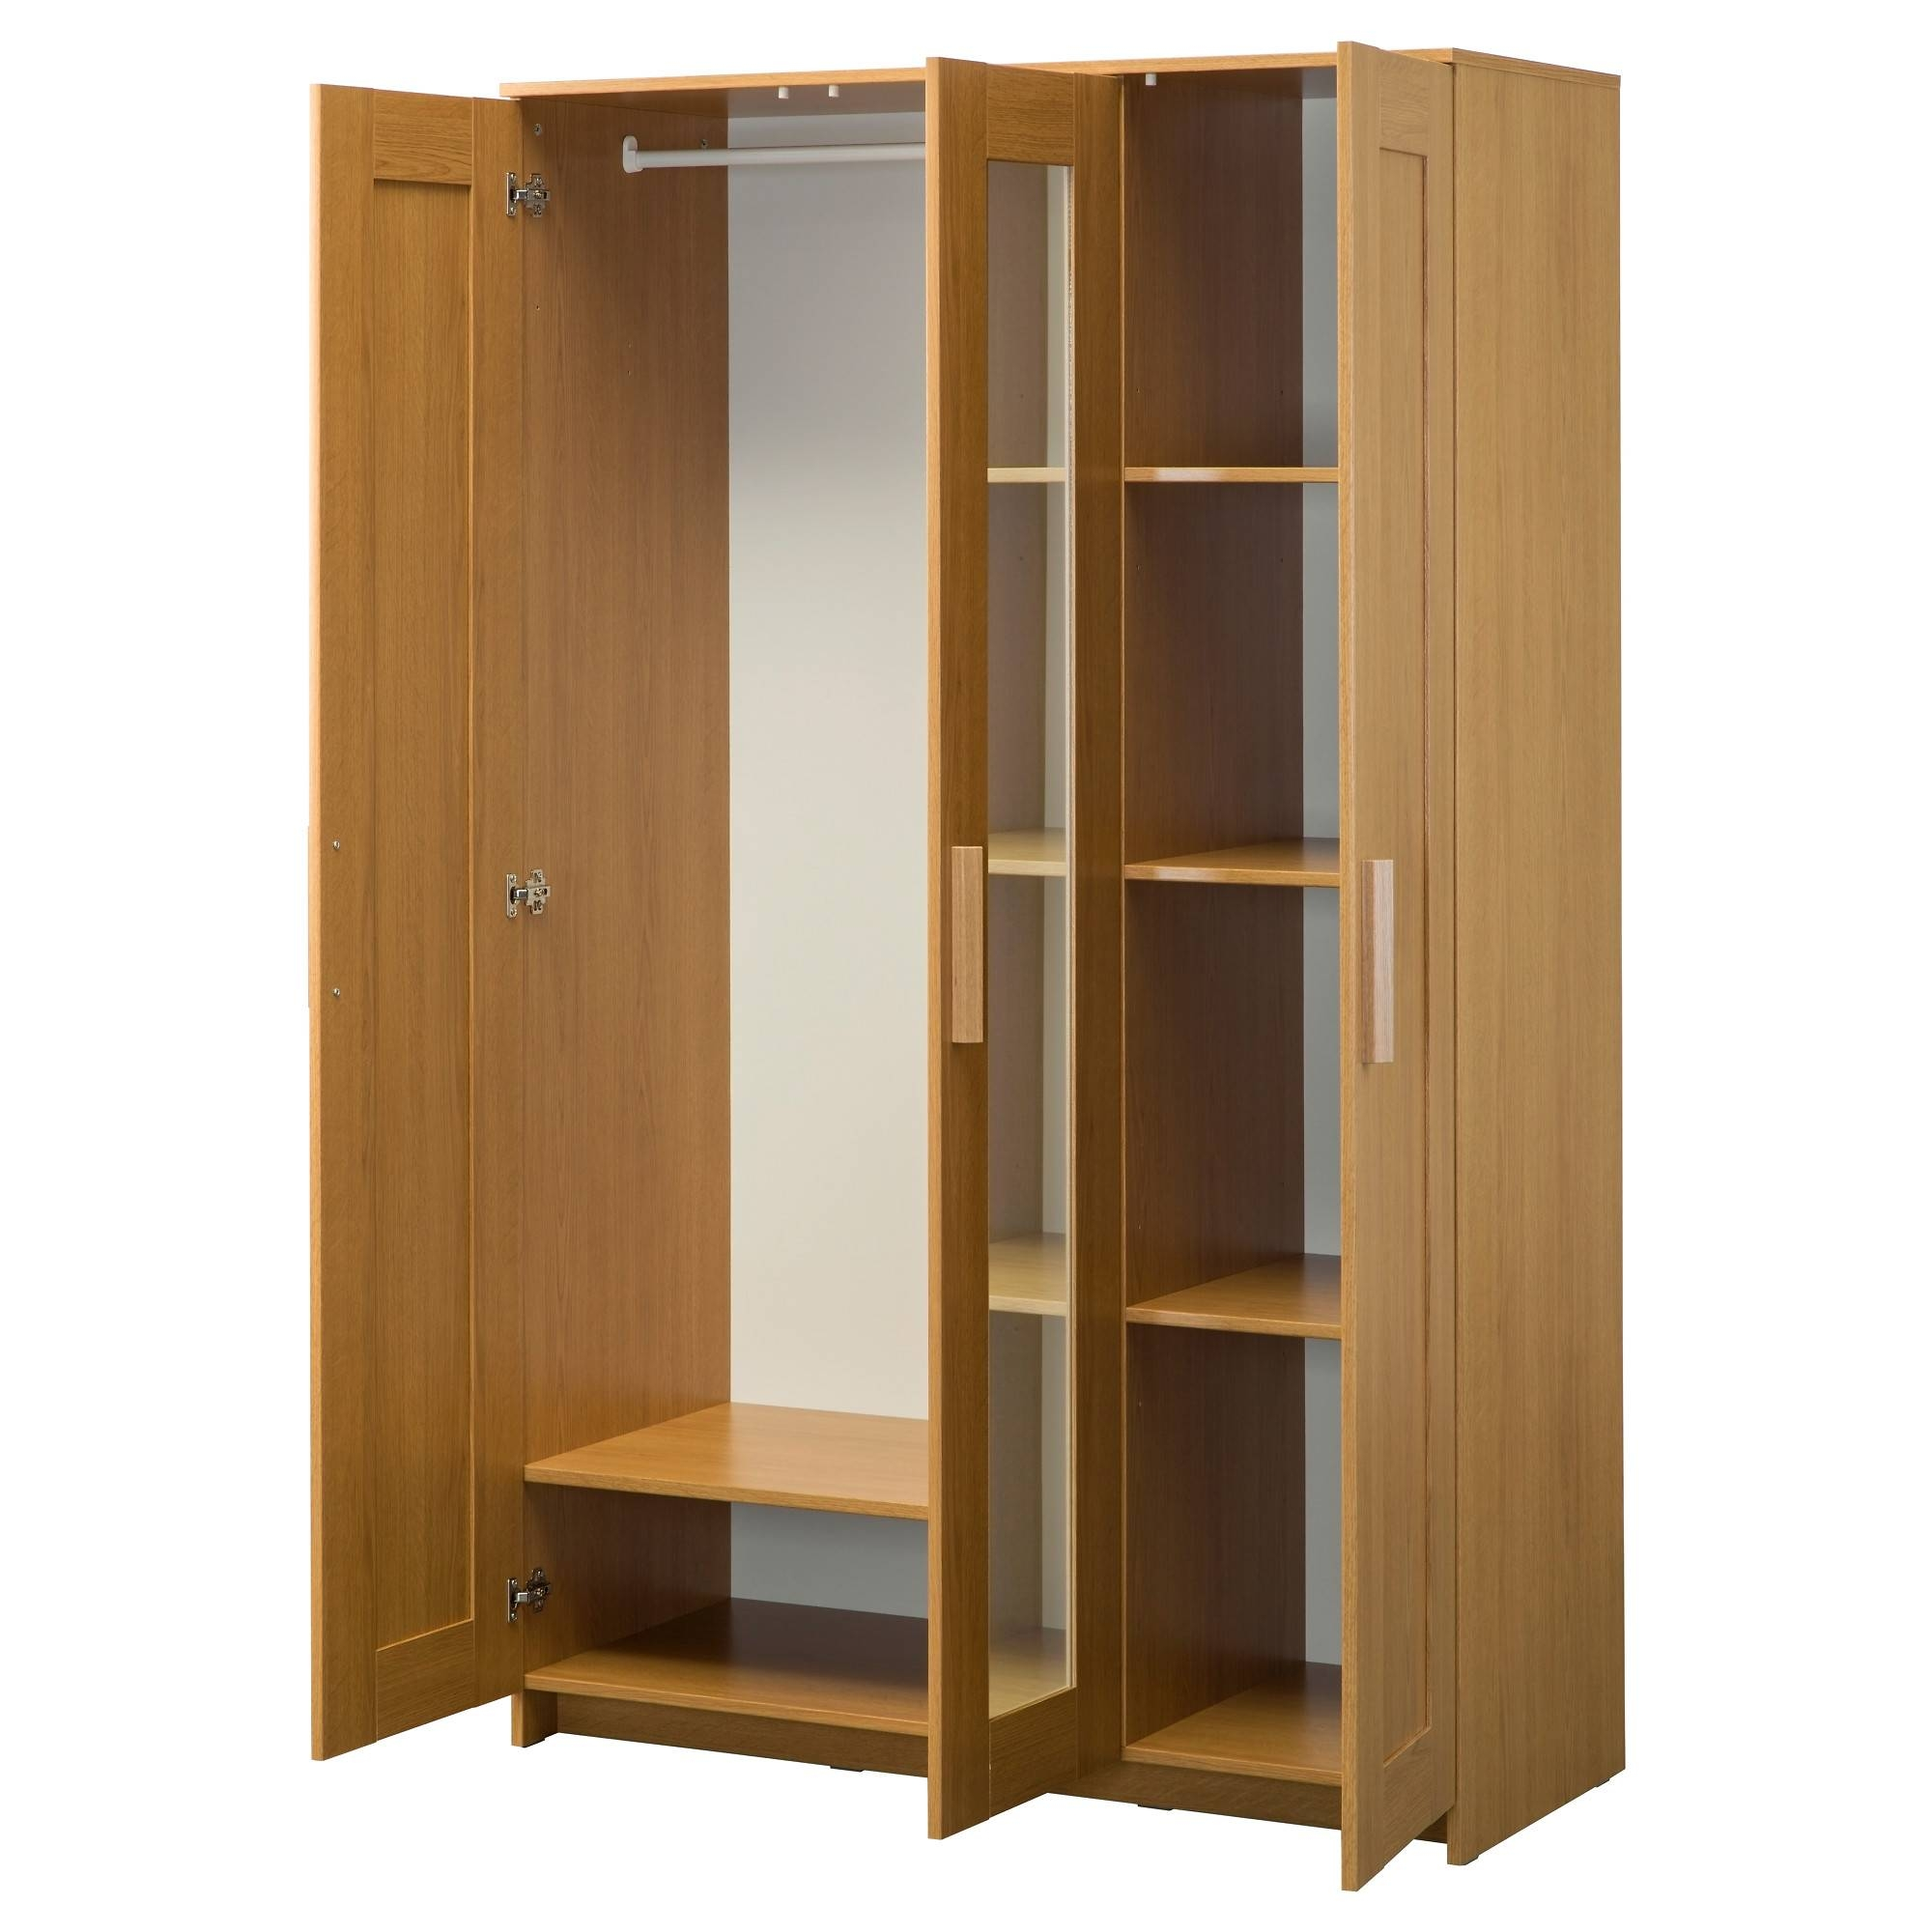 Brimnes Wardrobe With 3 Doors Oak Effect 117X190 Cm – Ikea With Oak 3 Door Wardrobes (View 1 of 15)